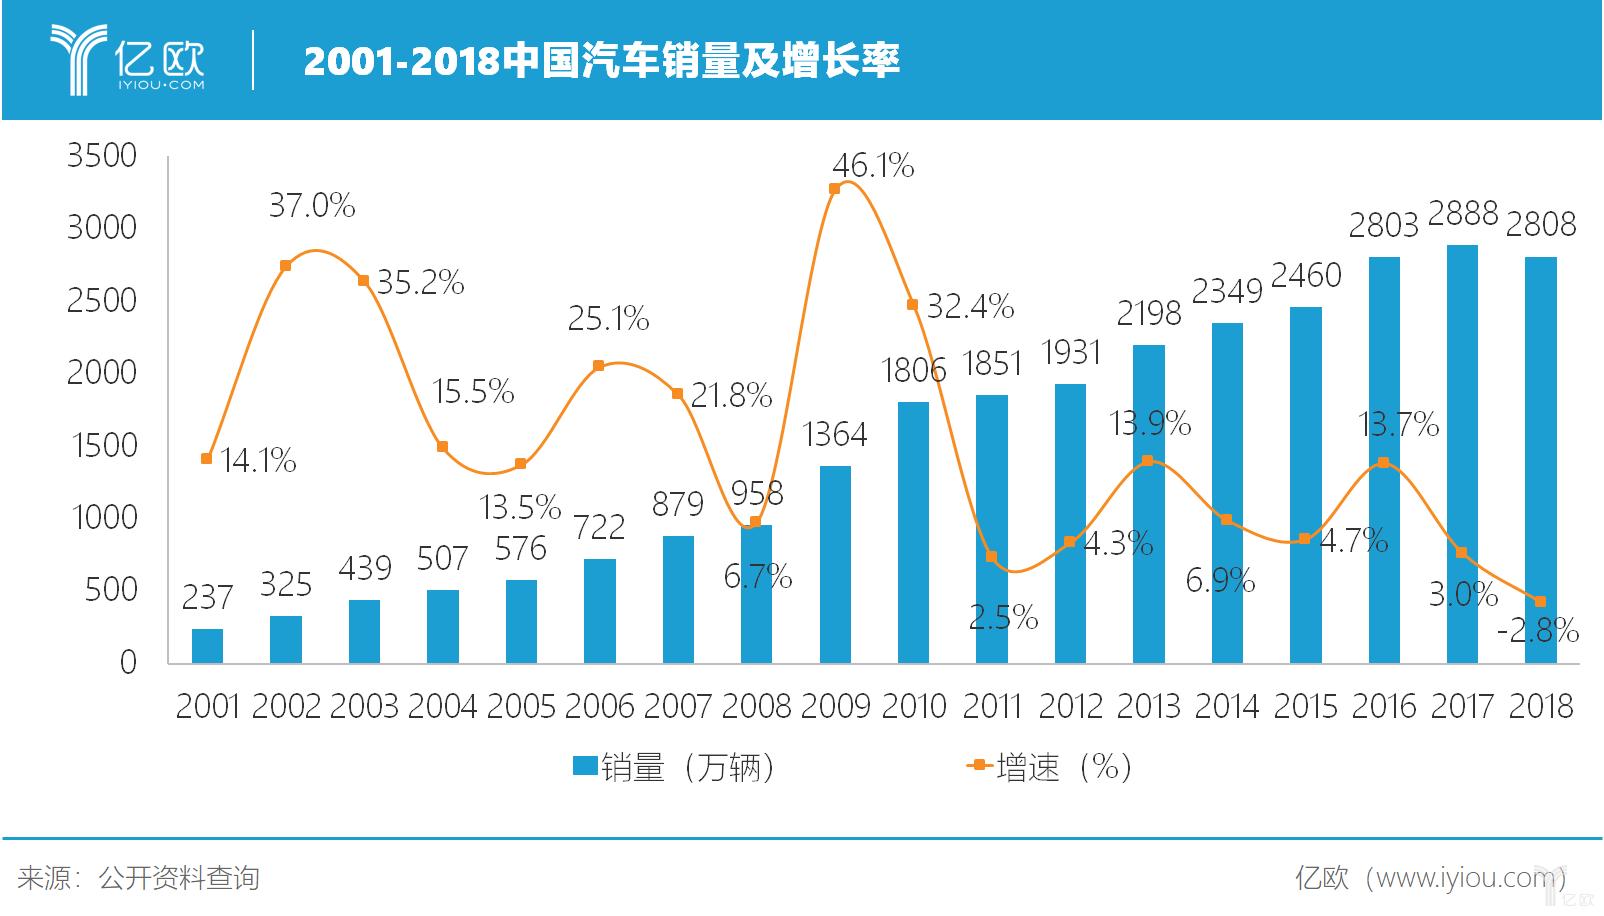 2001-2018年中国汽车销量及同比增速